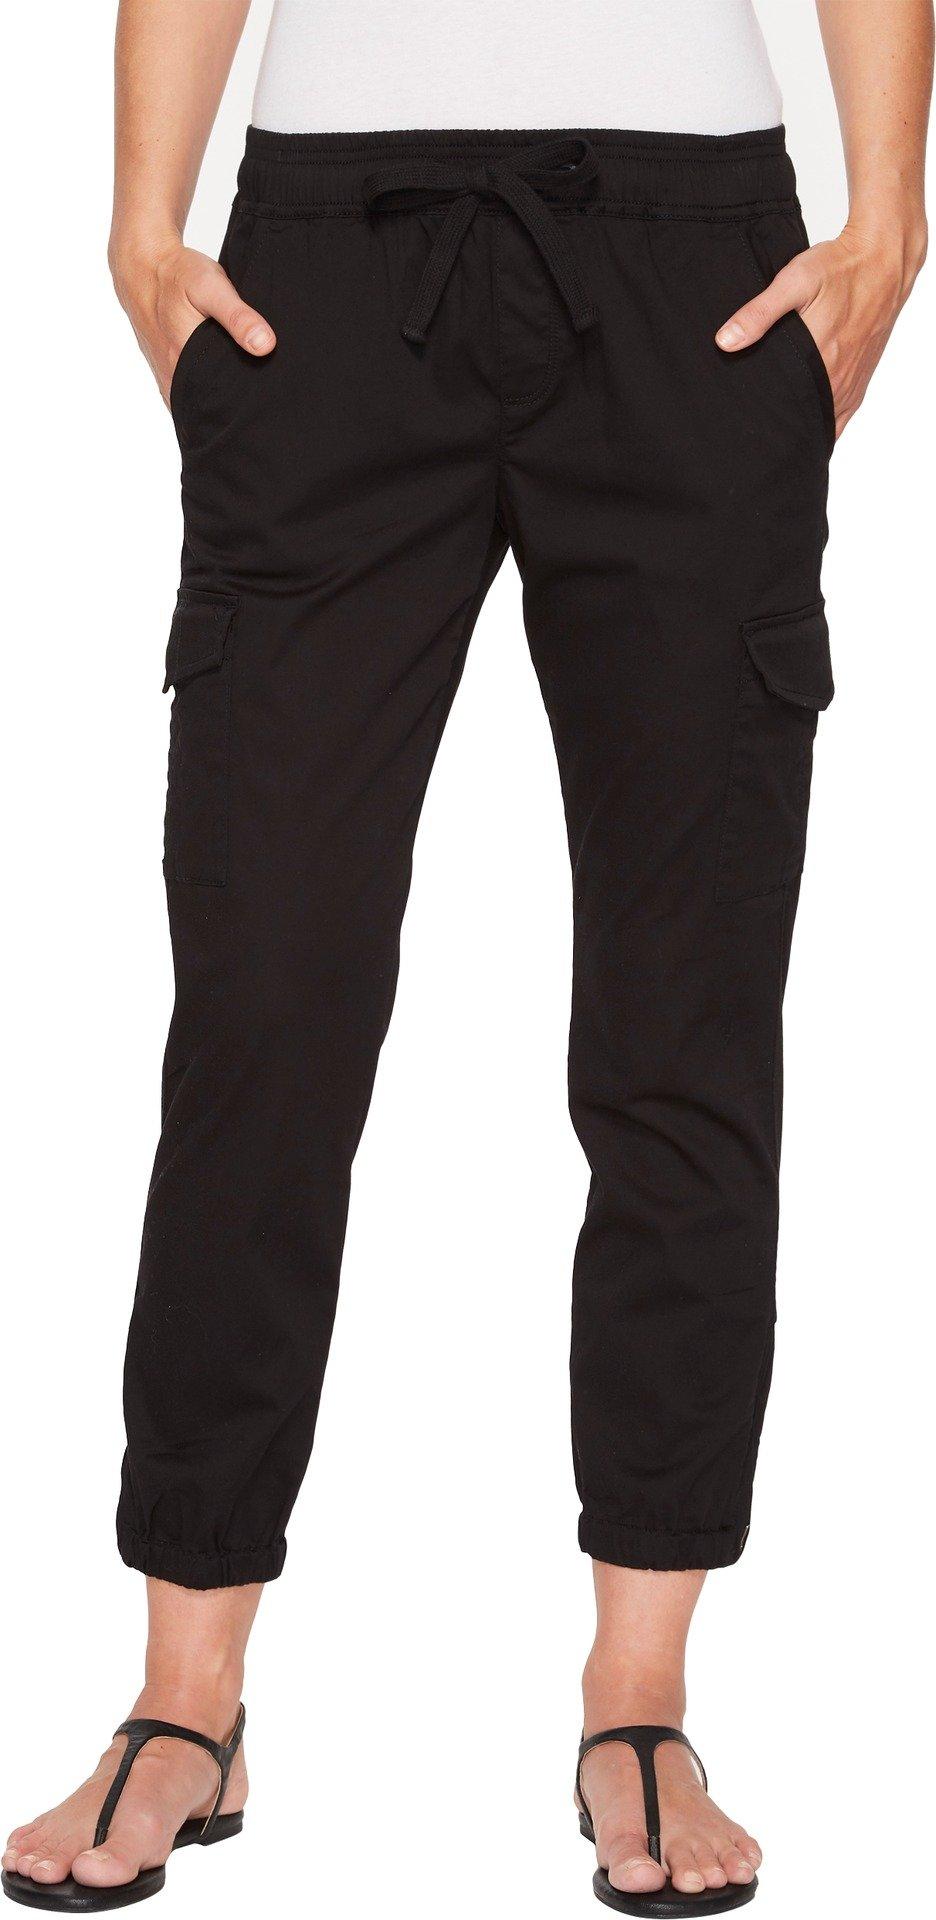 Sanctuary Women's Pull-On Trooper Pants Black Large